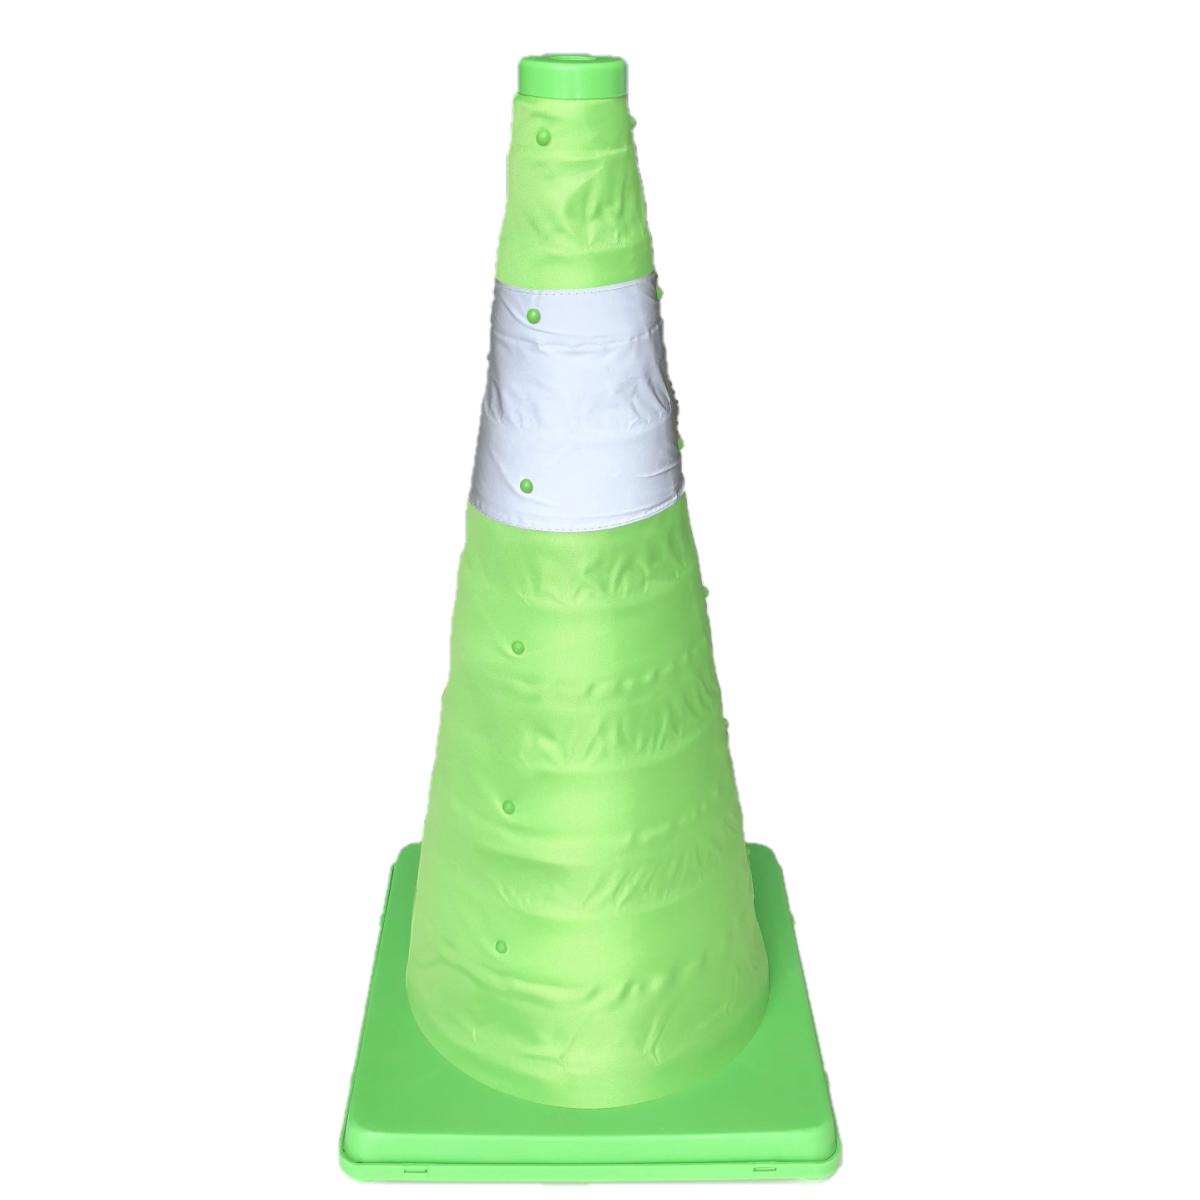 伸縮式カラーコーン【6個セット】 高さ62cm 折り畳み三角コーン グリーン 折りたたみ式三角コーン 伸縮カラーコーン 伸縮コーン 折り畳みカラーコーン 送料無料